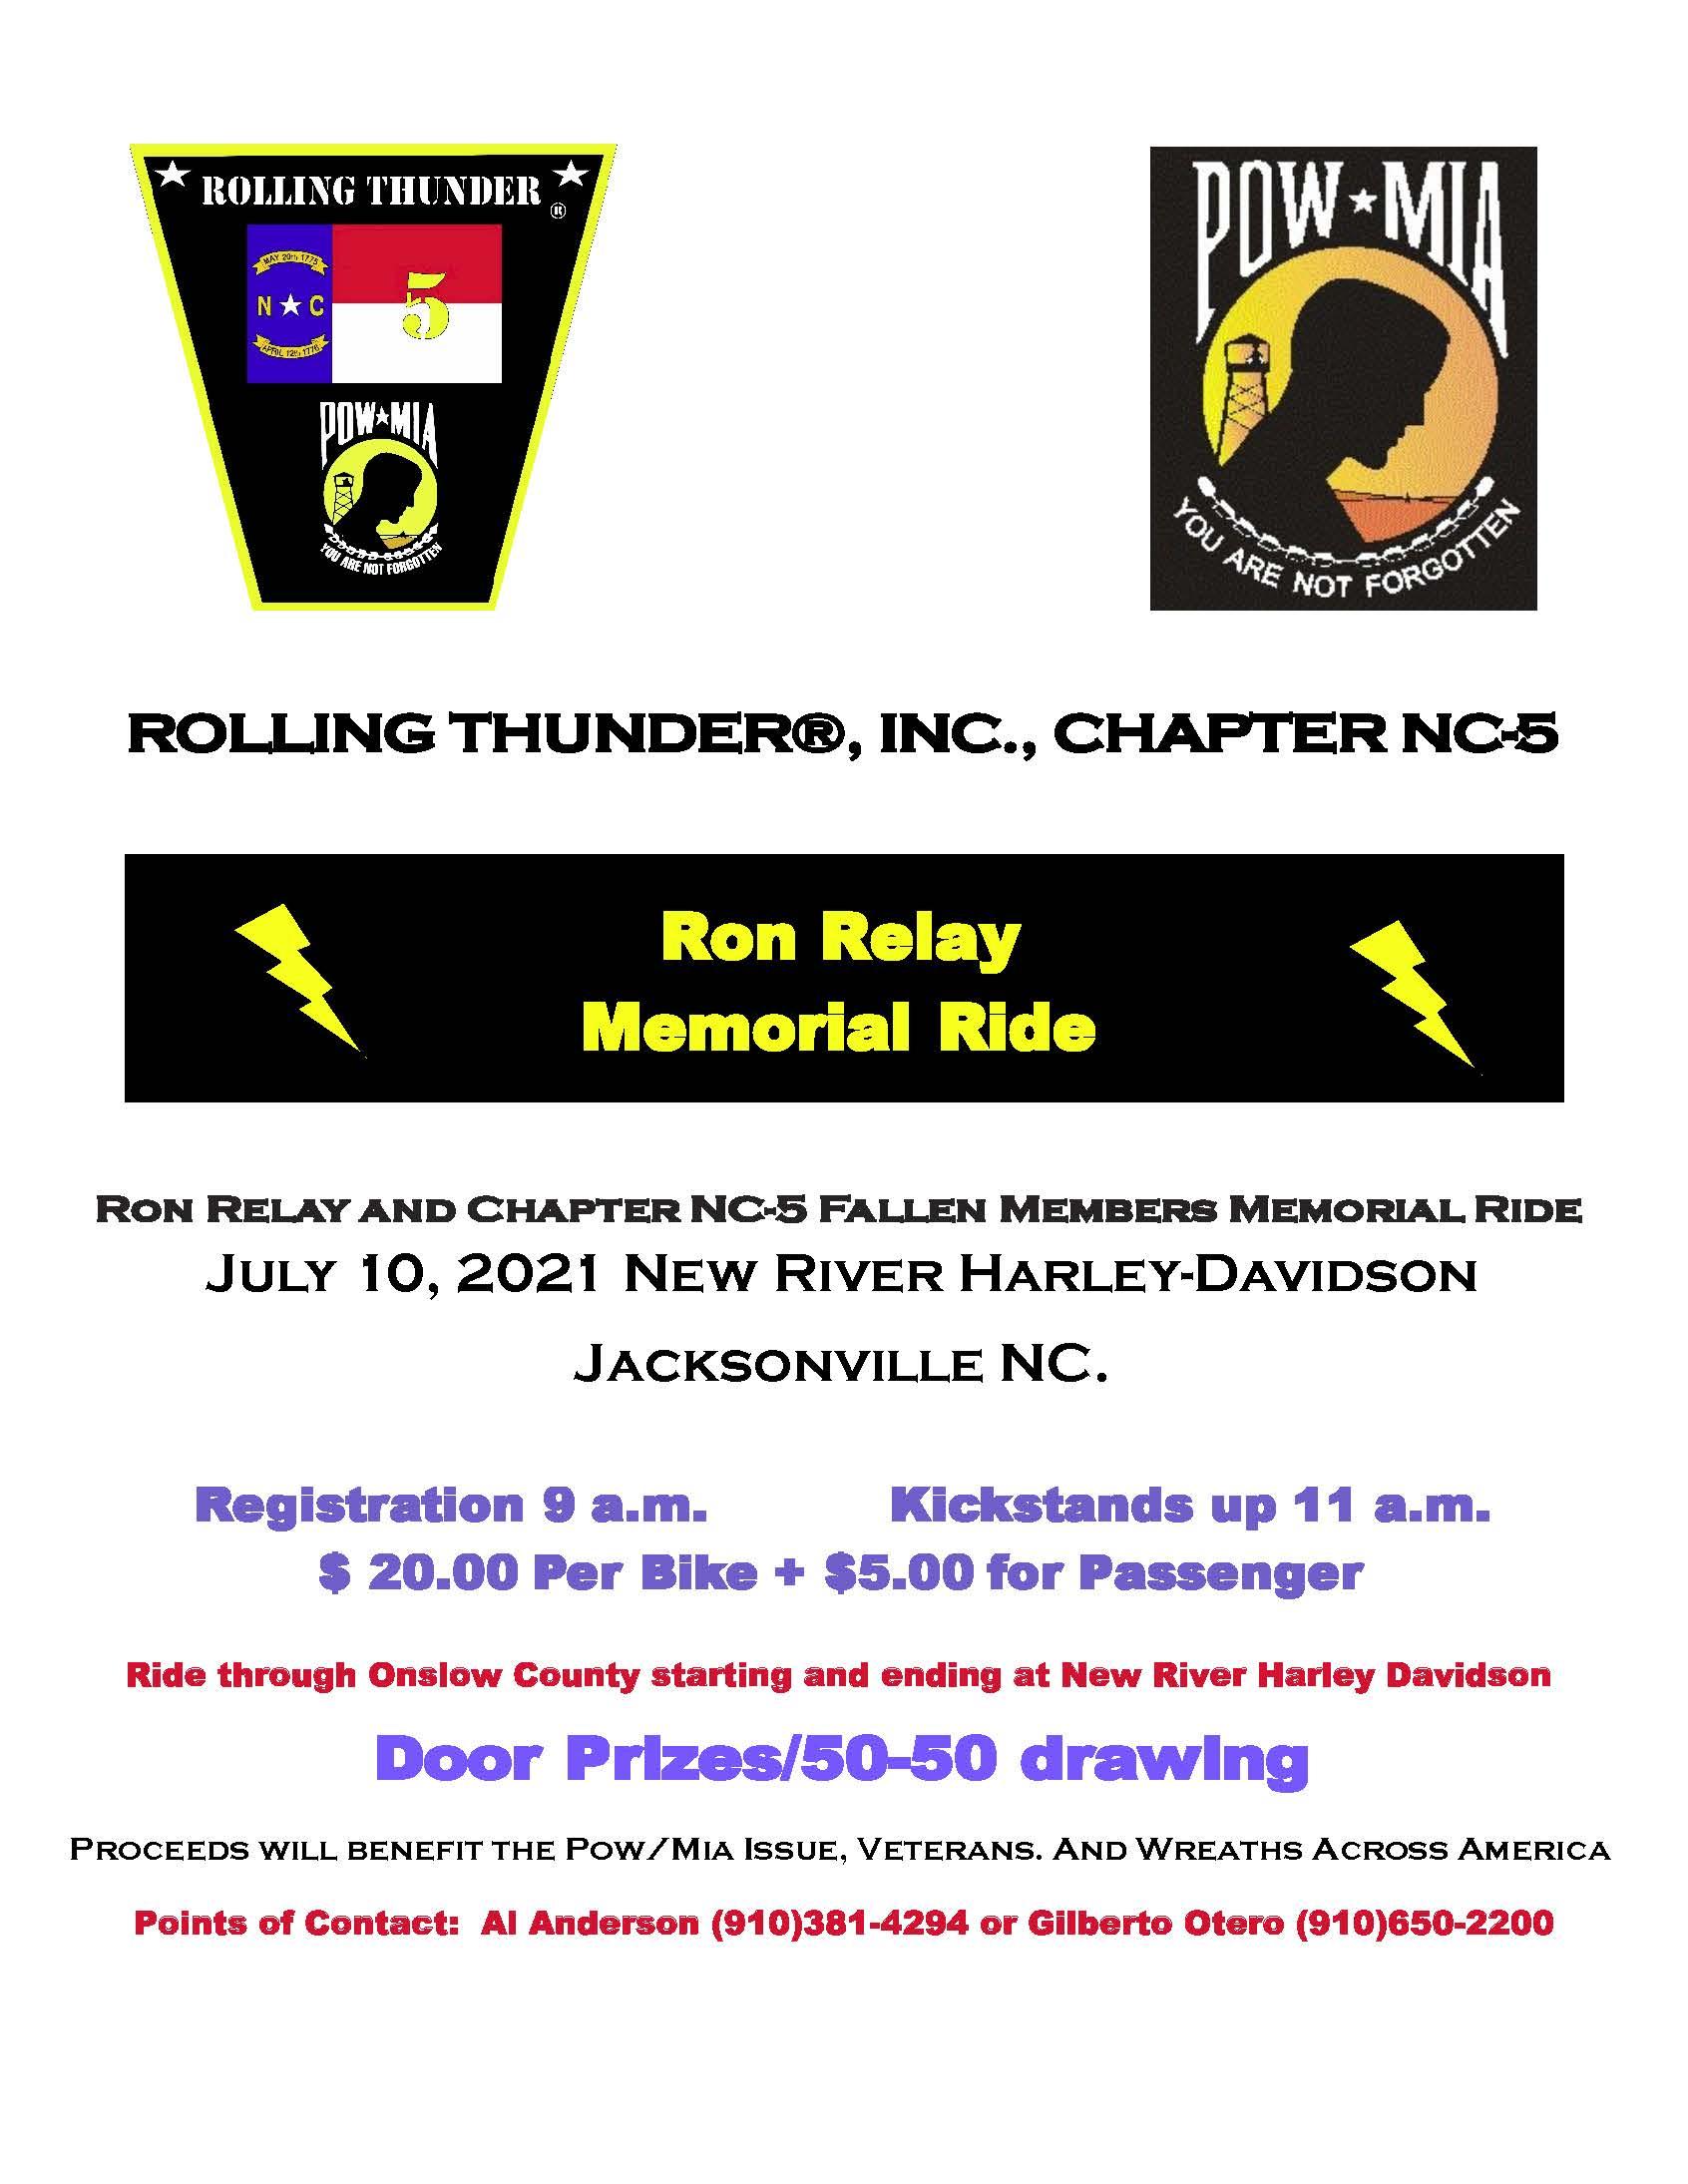 Ron Relay Memorial Ride